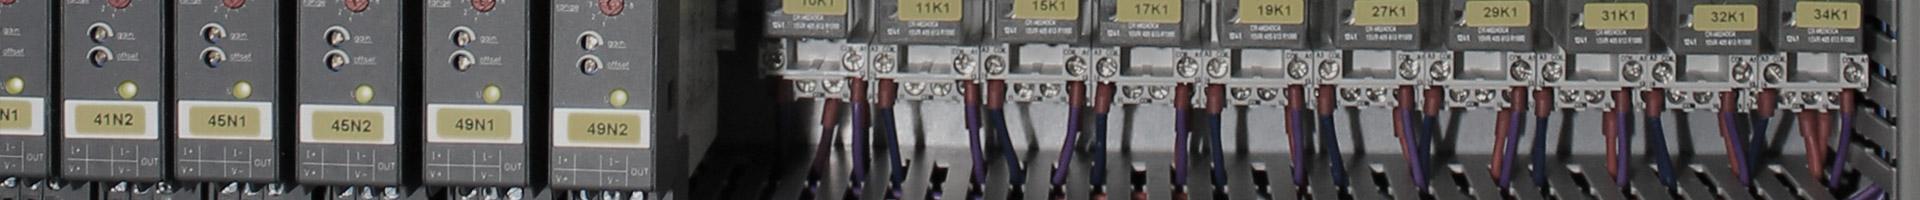 Referenzen Sicherheitstechnik und Anlagenbau